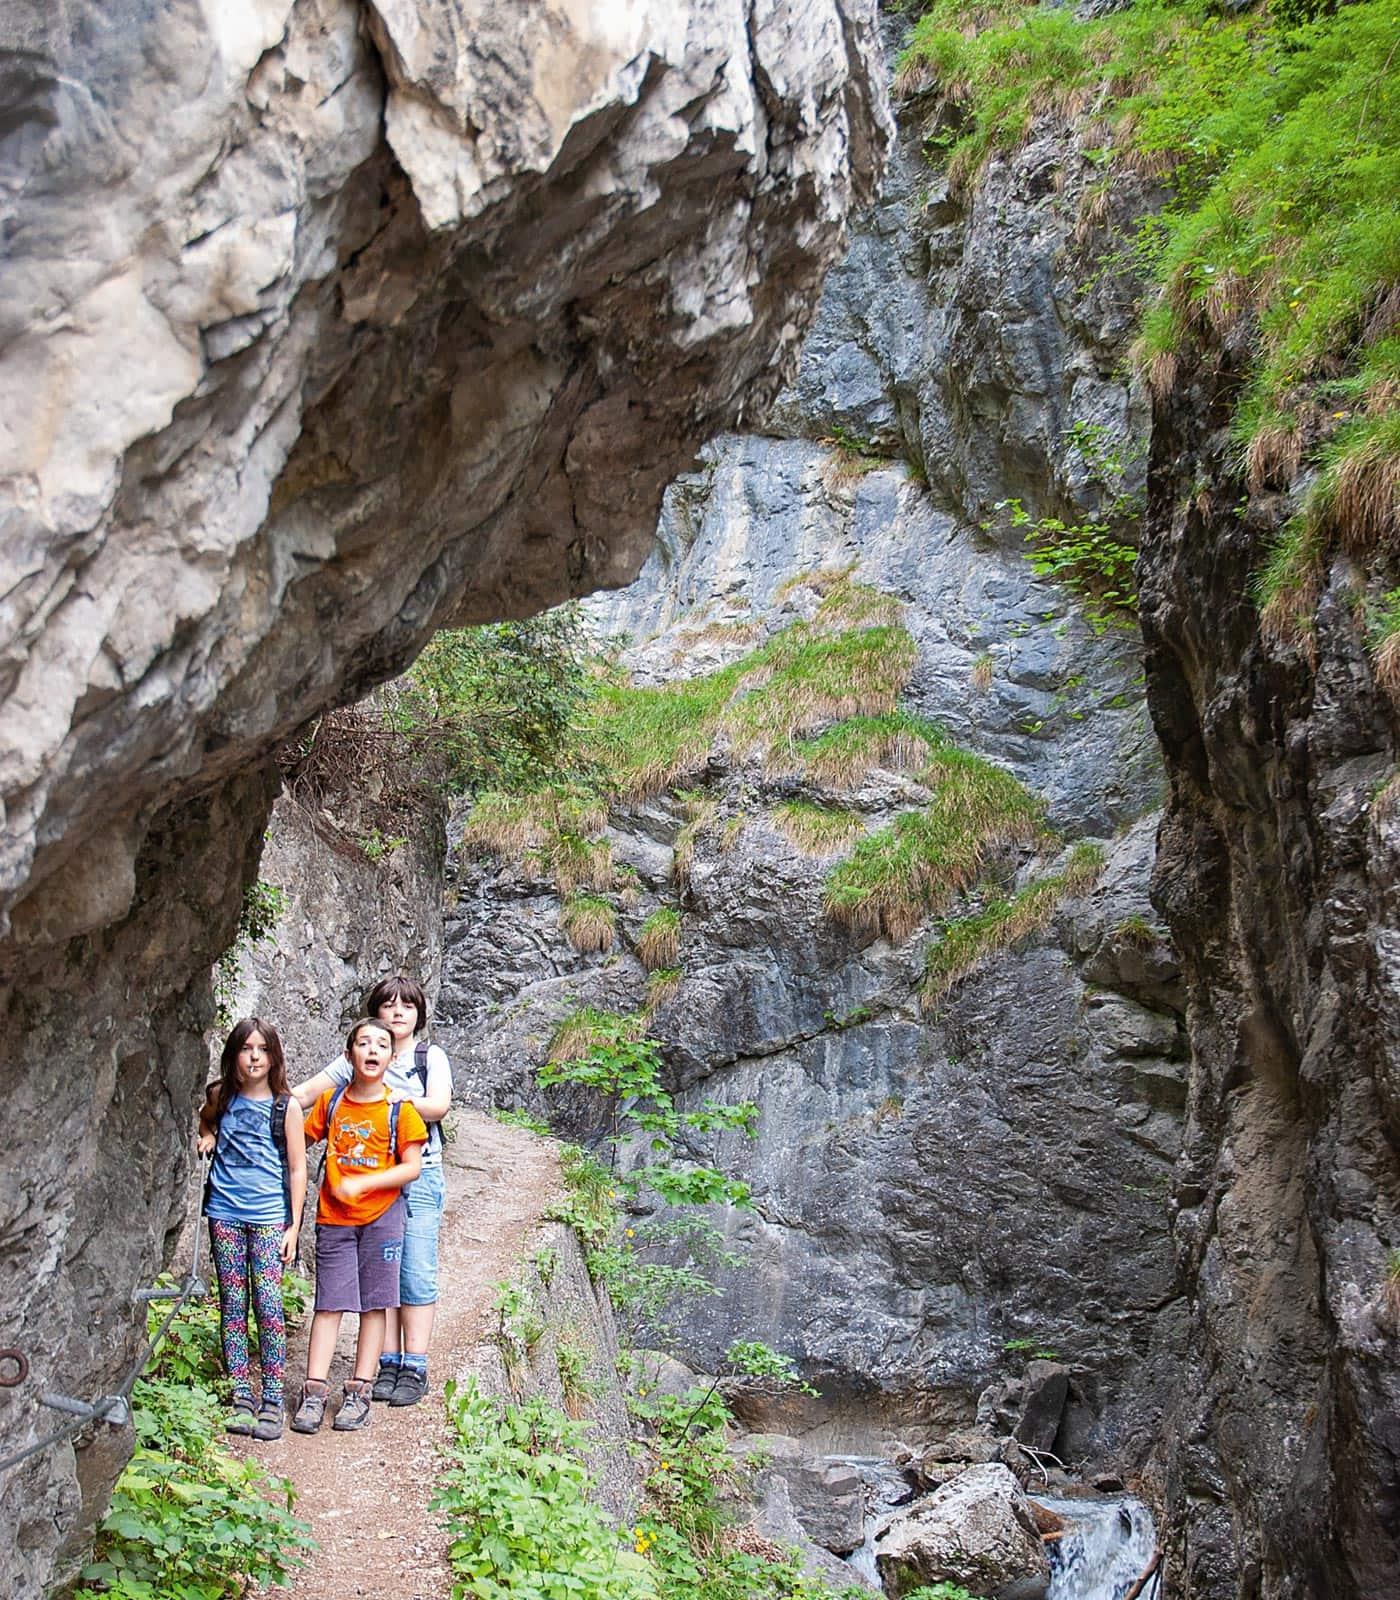 Naturzeit-Reisetipp: Wandern mit Kindern in der Umgebung von Innsbruck: Ehnbachklamm // HIMBEER